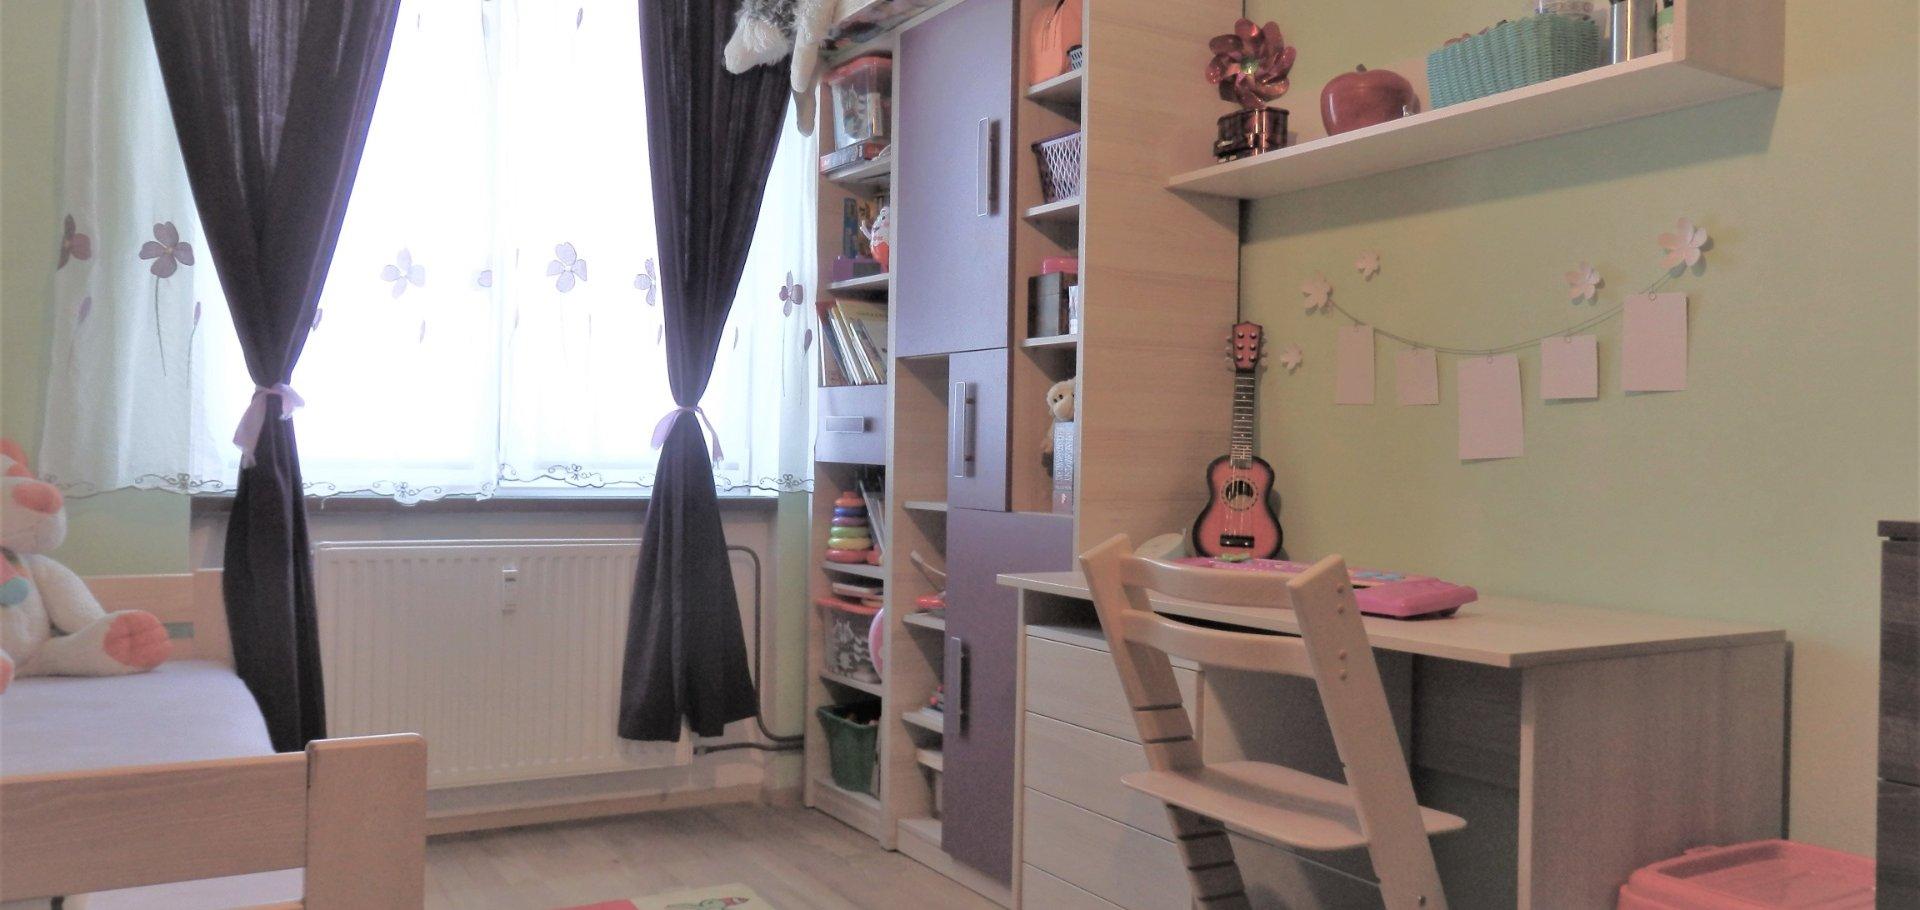 Prodej bytu 2+1 50 m2 s lodžií, ul. Dlouhá Třída, Havířov-Podlesí